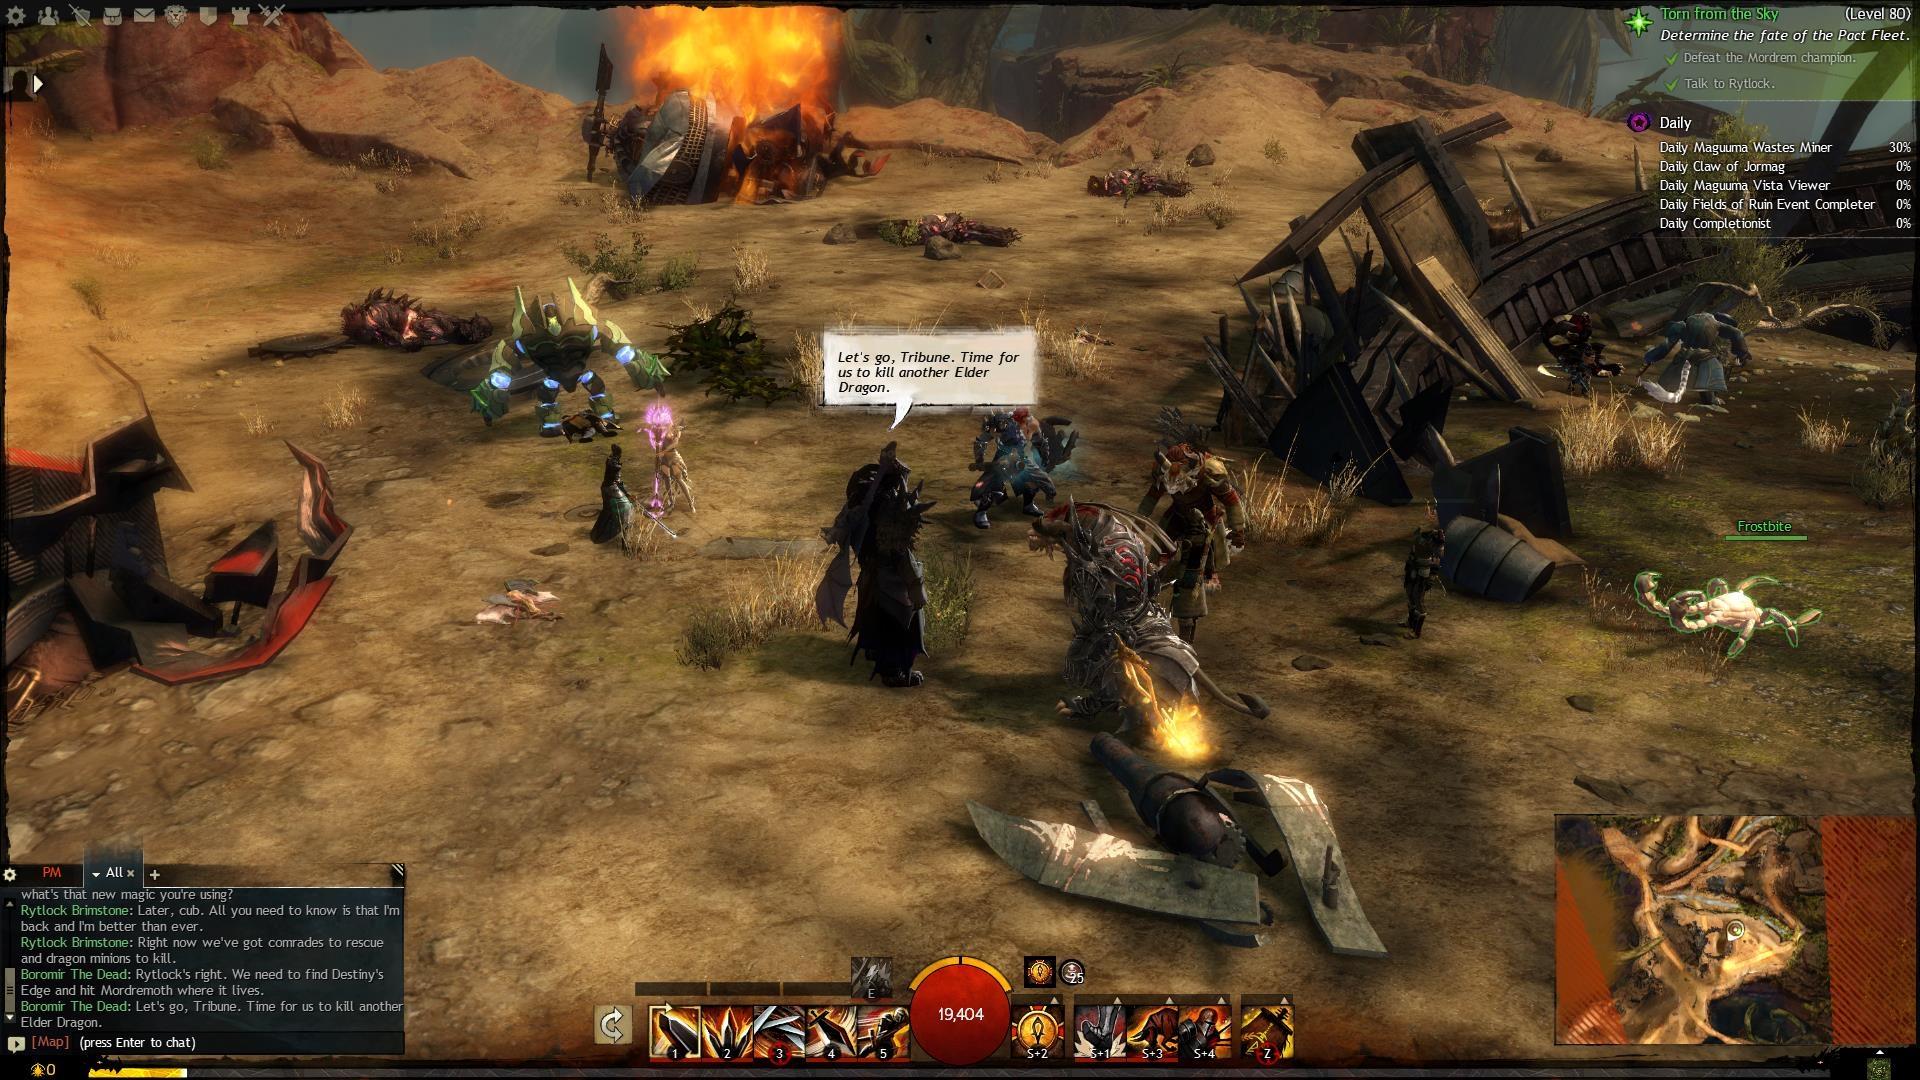 Guild wars 2 рецензия 8543